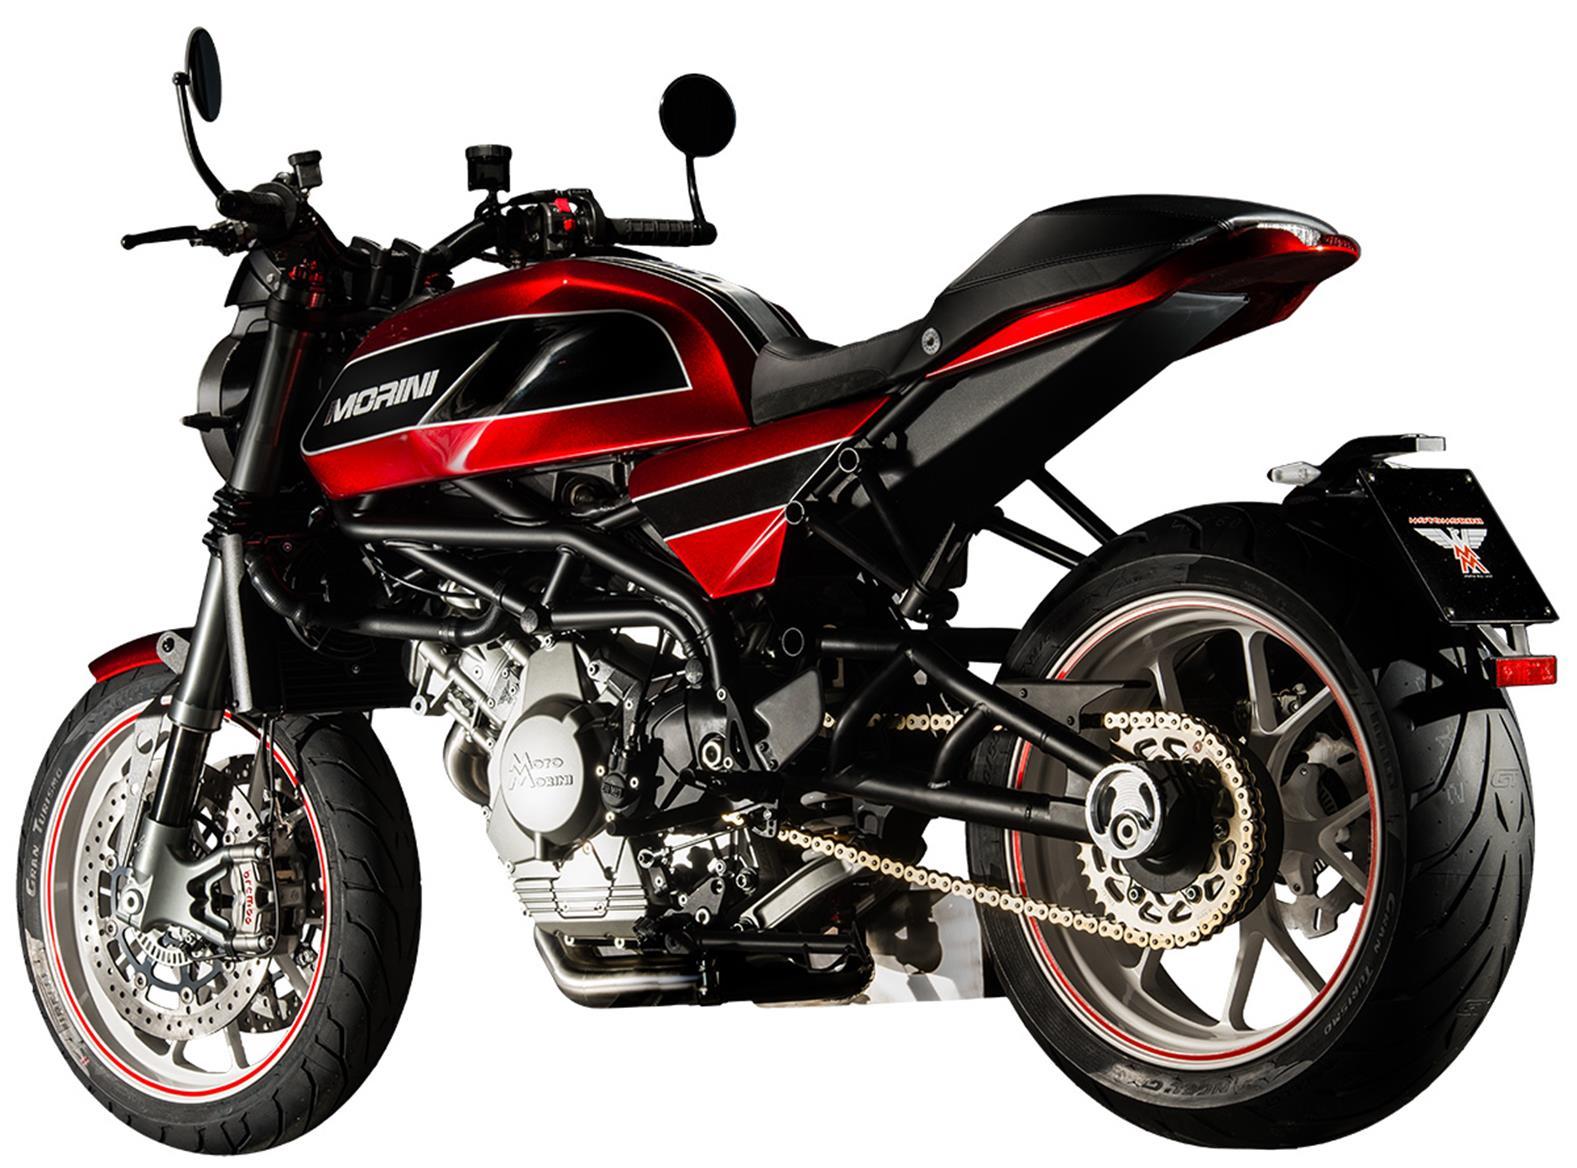 Moto Morini Milano Unveiled Mcn